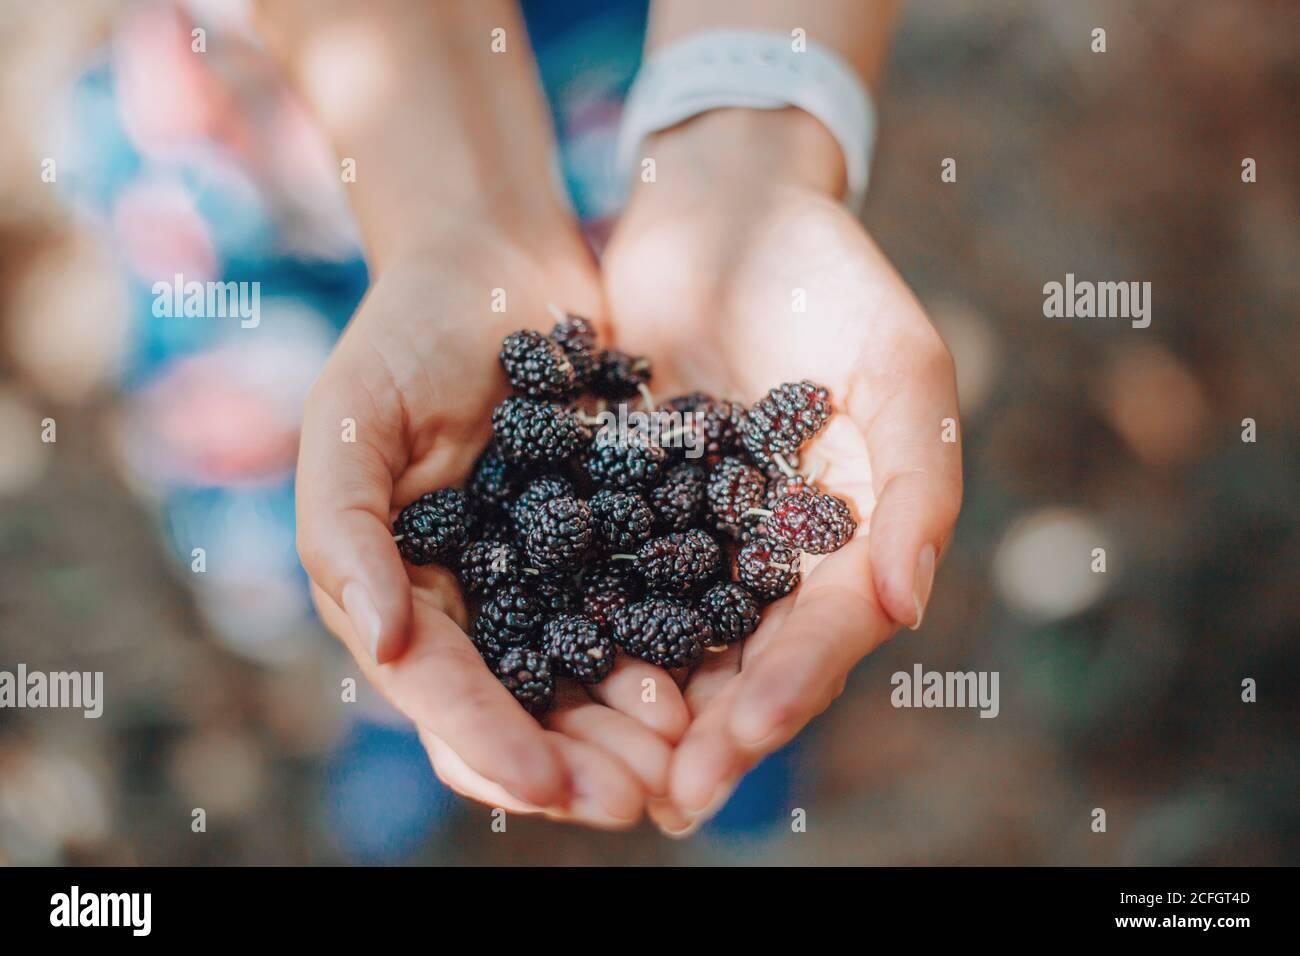 Nahaufnahme der menschlichen Hände mit frischen reifen Sommerbeeren. Eine Handvoll schwarzer Maulbeeren. Bauer Sammeln Ernte saisonalen Beeren Ernte von Baum bei cou Stockfoto